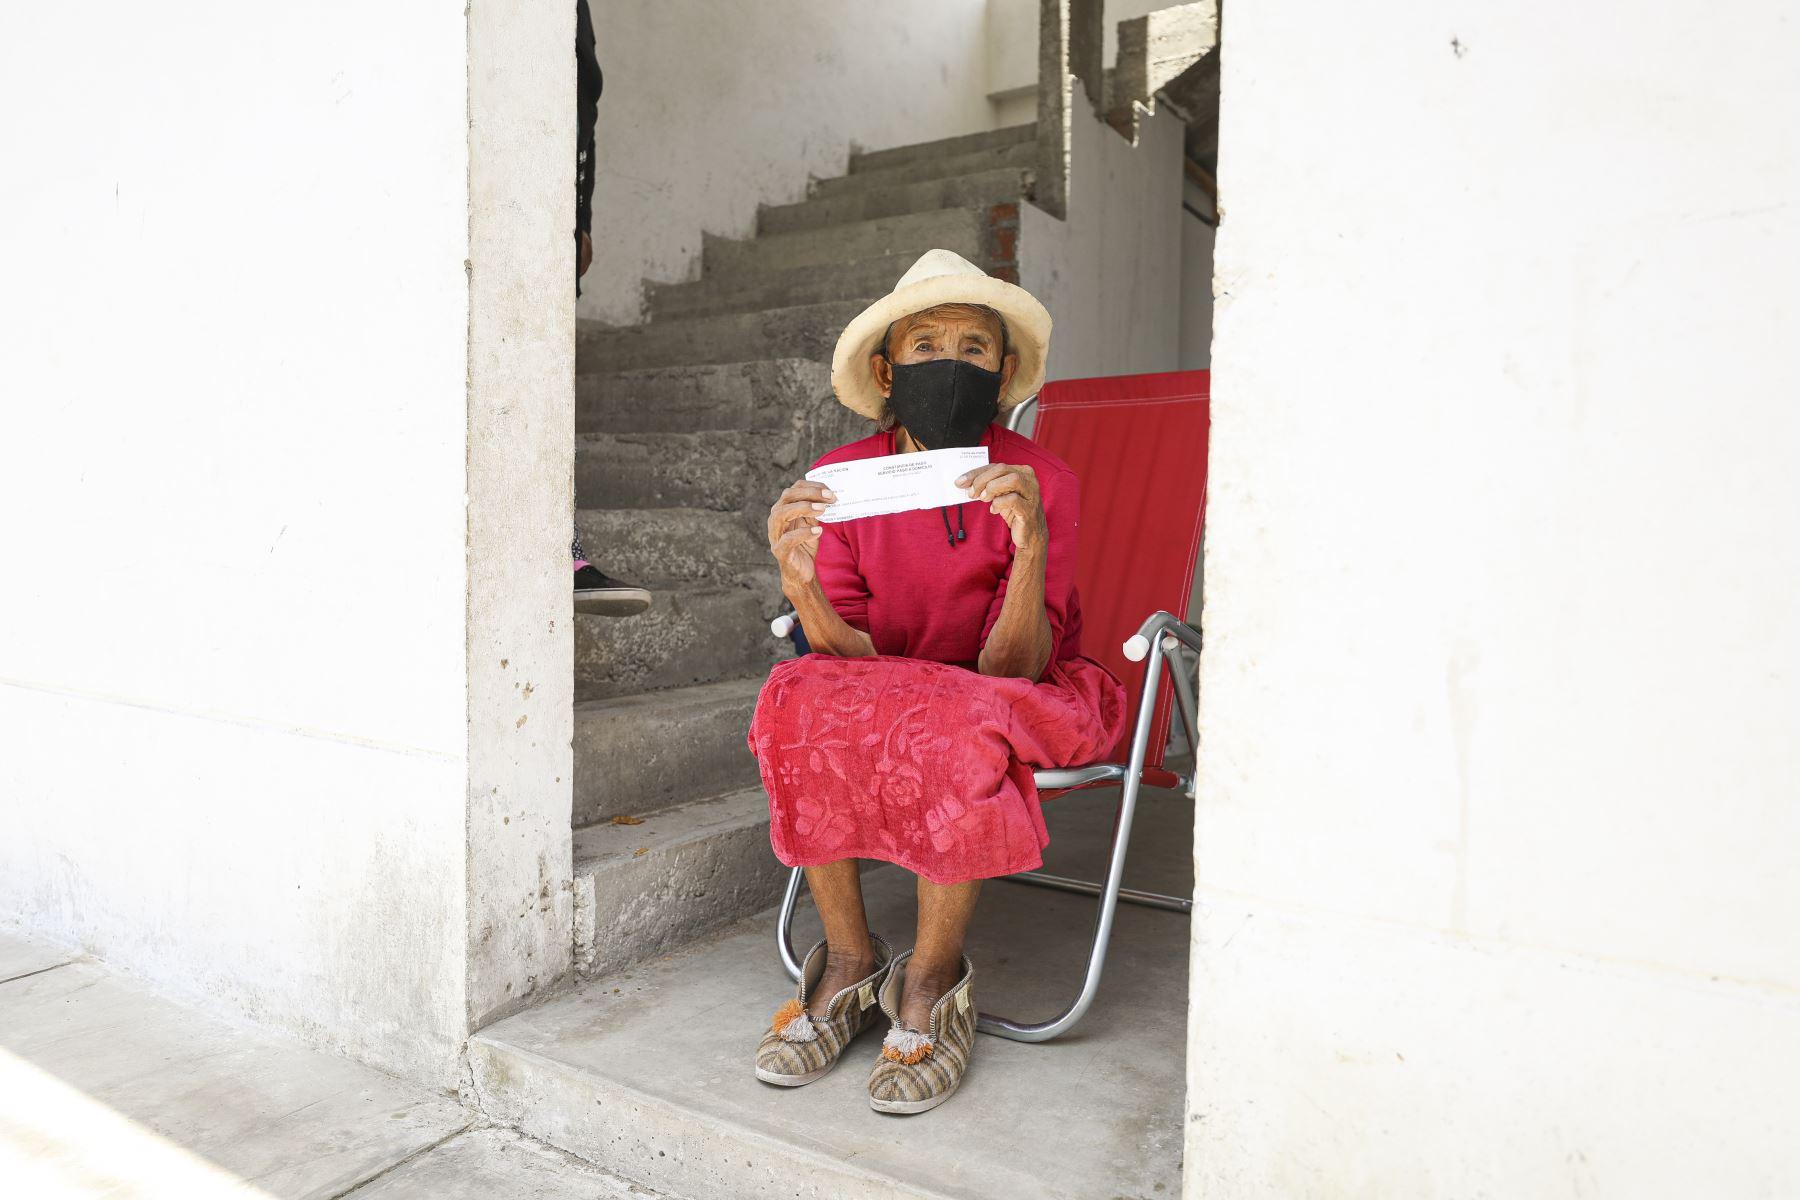 En Salas Guadalupe, Ica, vive Grimaldina Quispe Román 91. De su natal Apurímac se trajo el quechua y sus remembranzas de la época en la que criaba animales. Dice que con el Bono 600 que recibió a domicilio comprará queso, mote y otros alimentos que le gustan desde niña. Foto: MIDIS